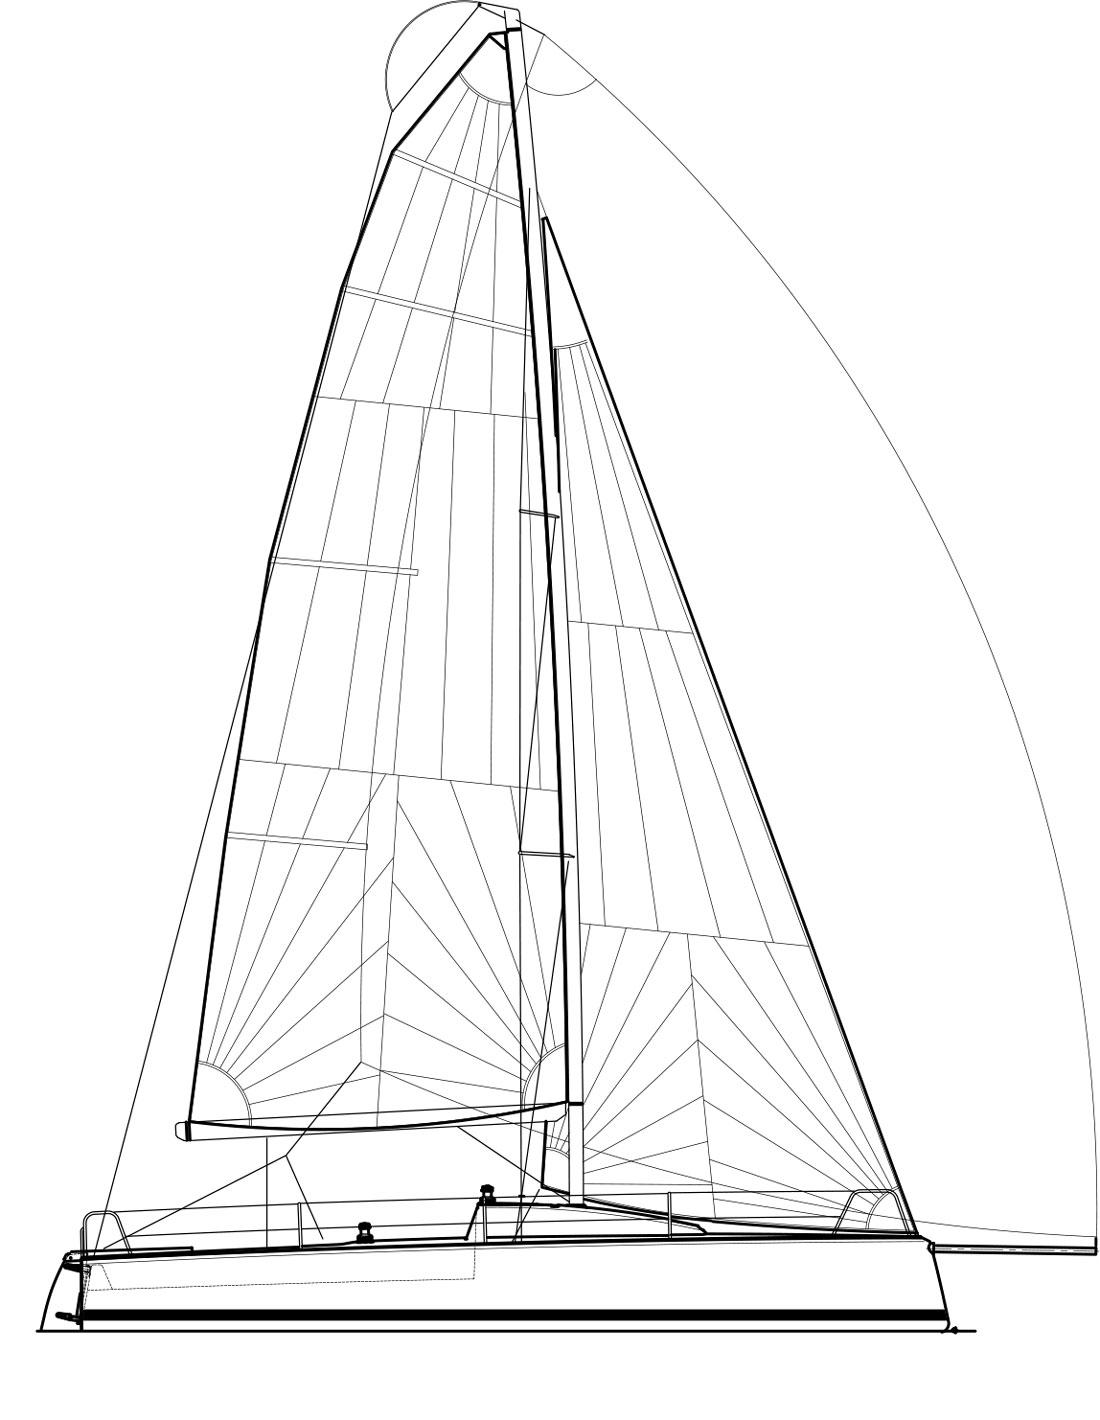 FarEast 28R Rig Drawing